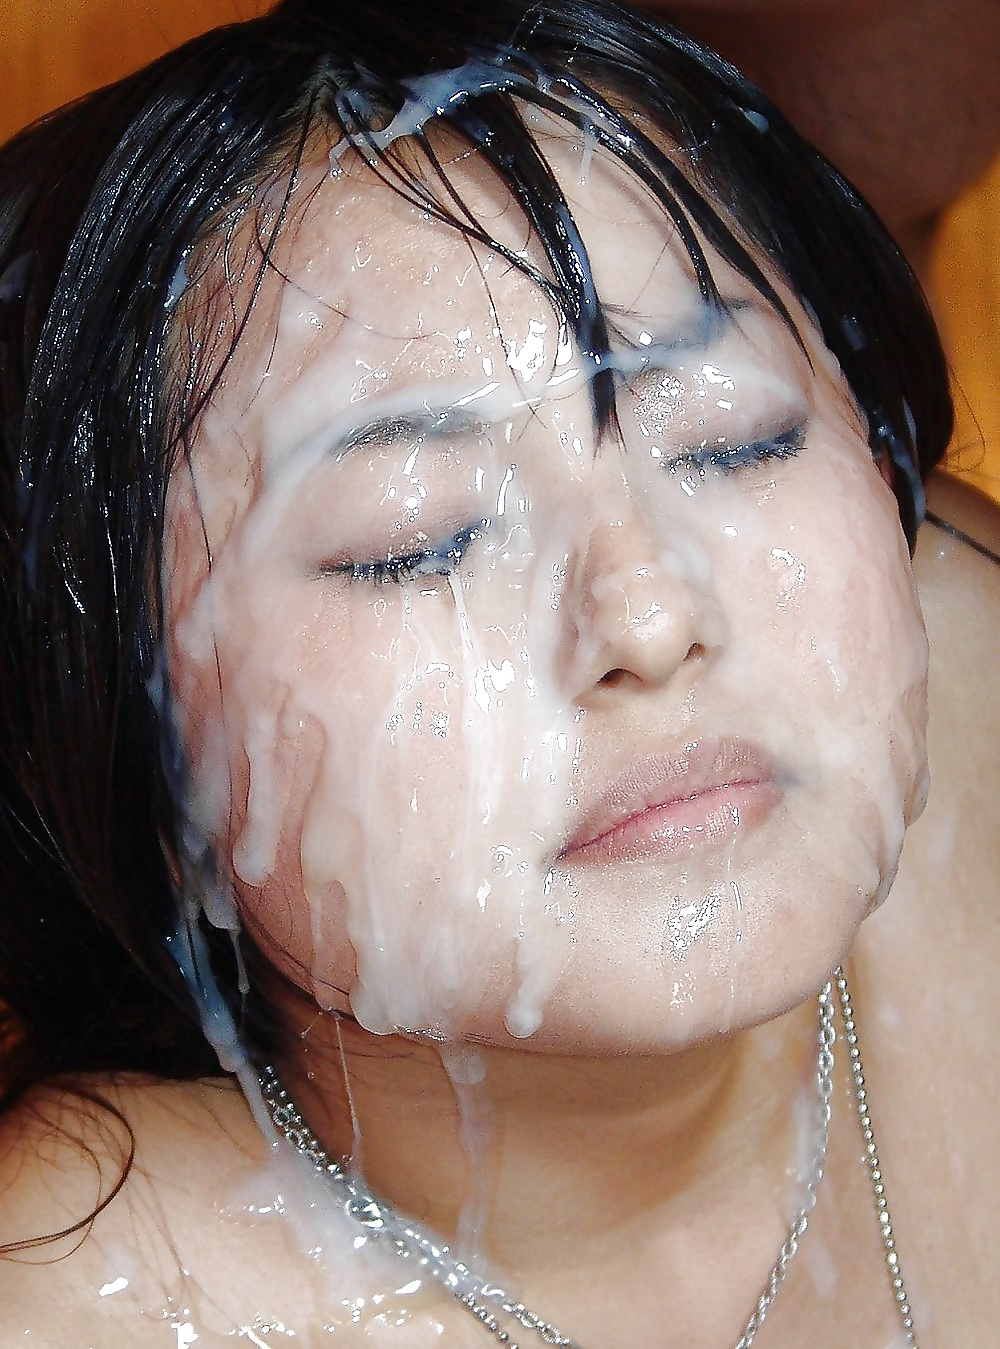 Cover her face bukkake